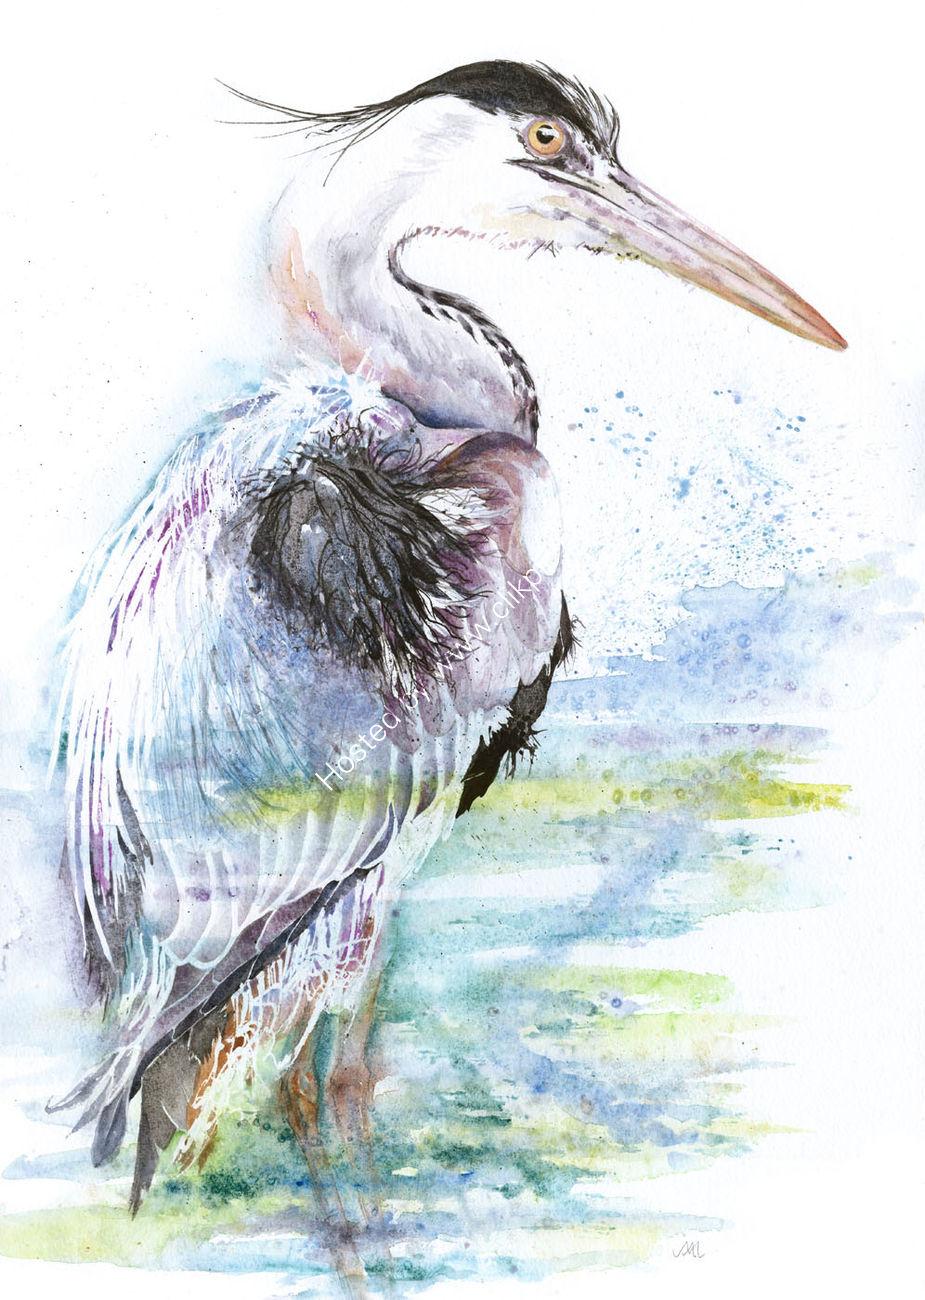 Water Wader